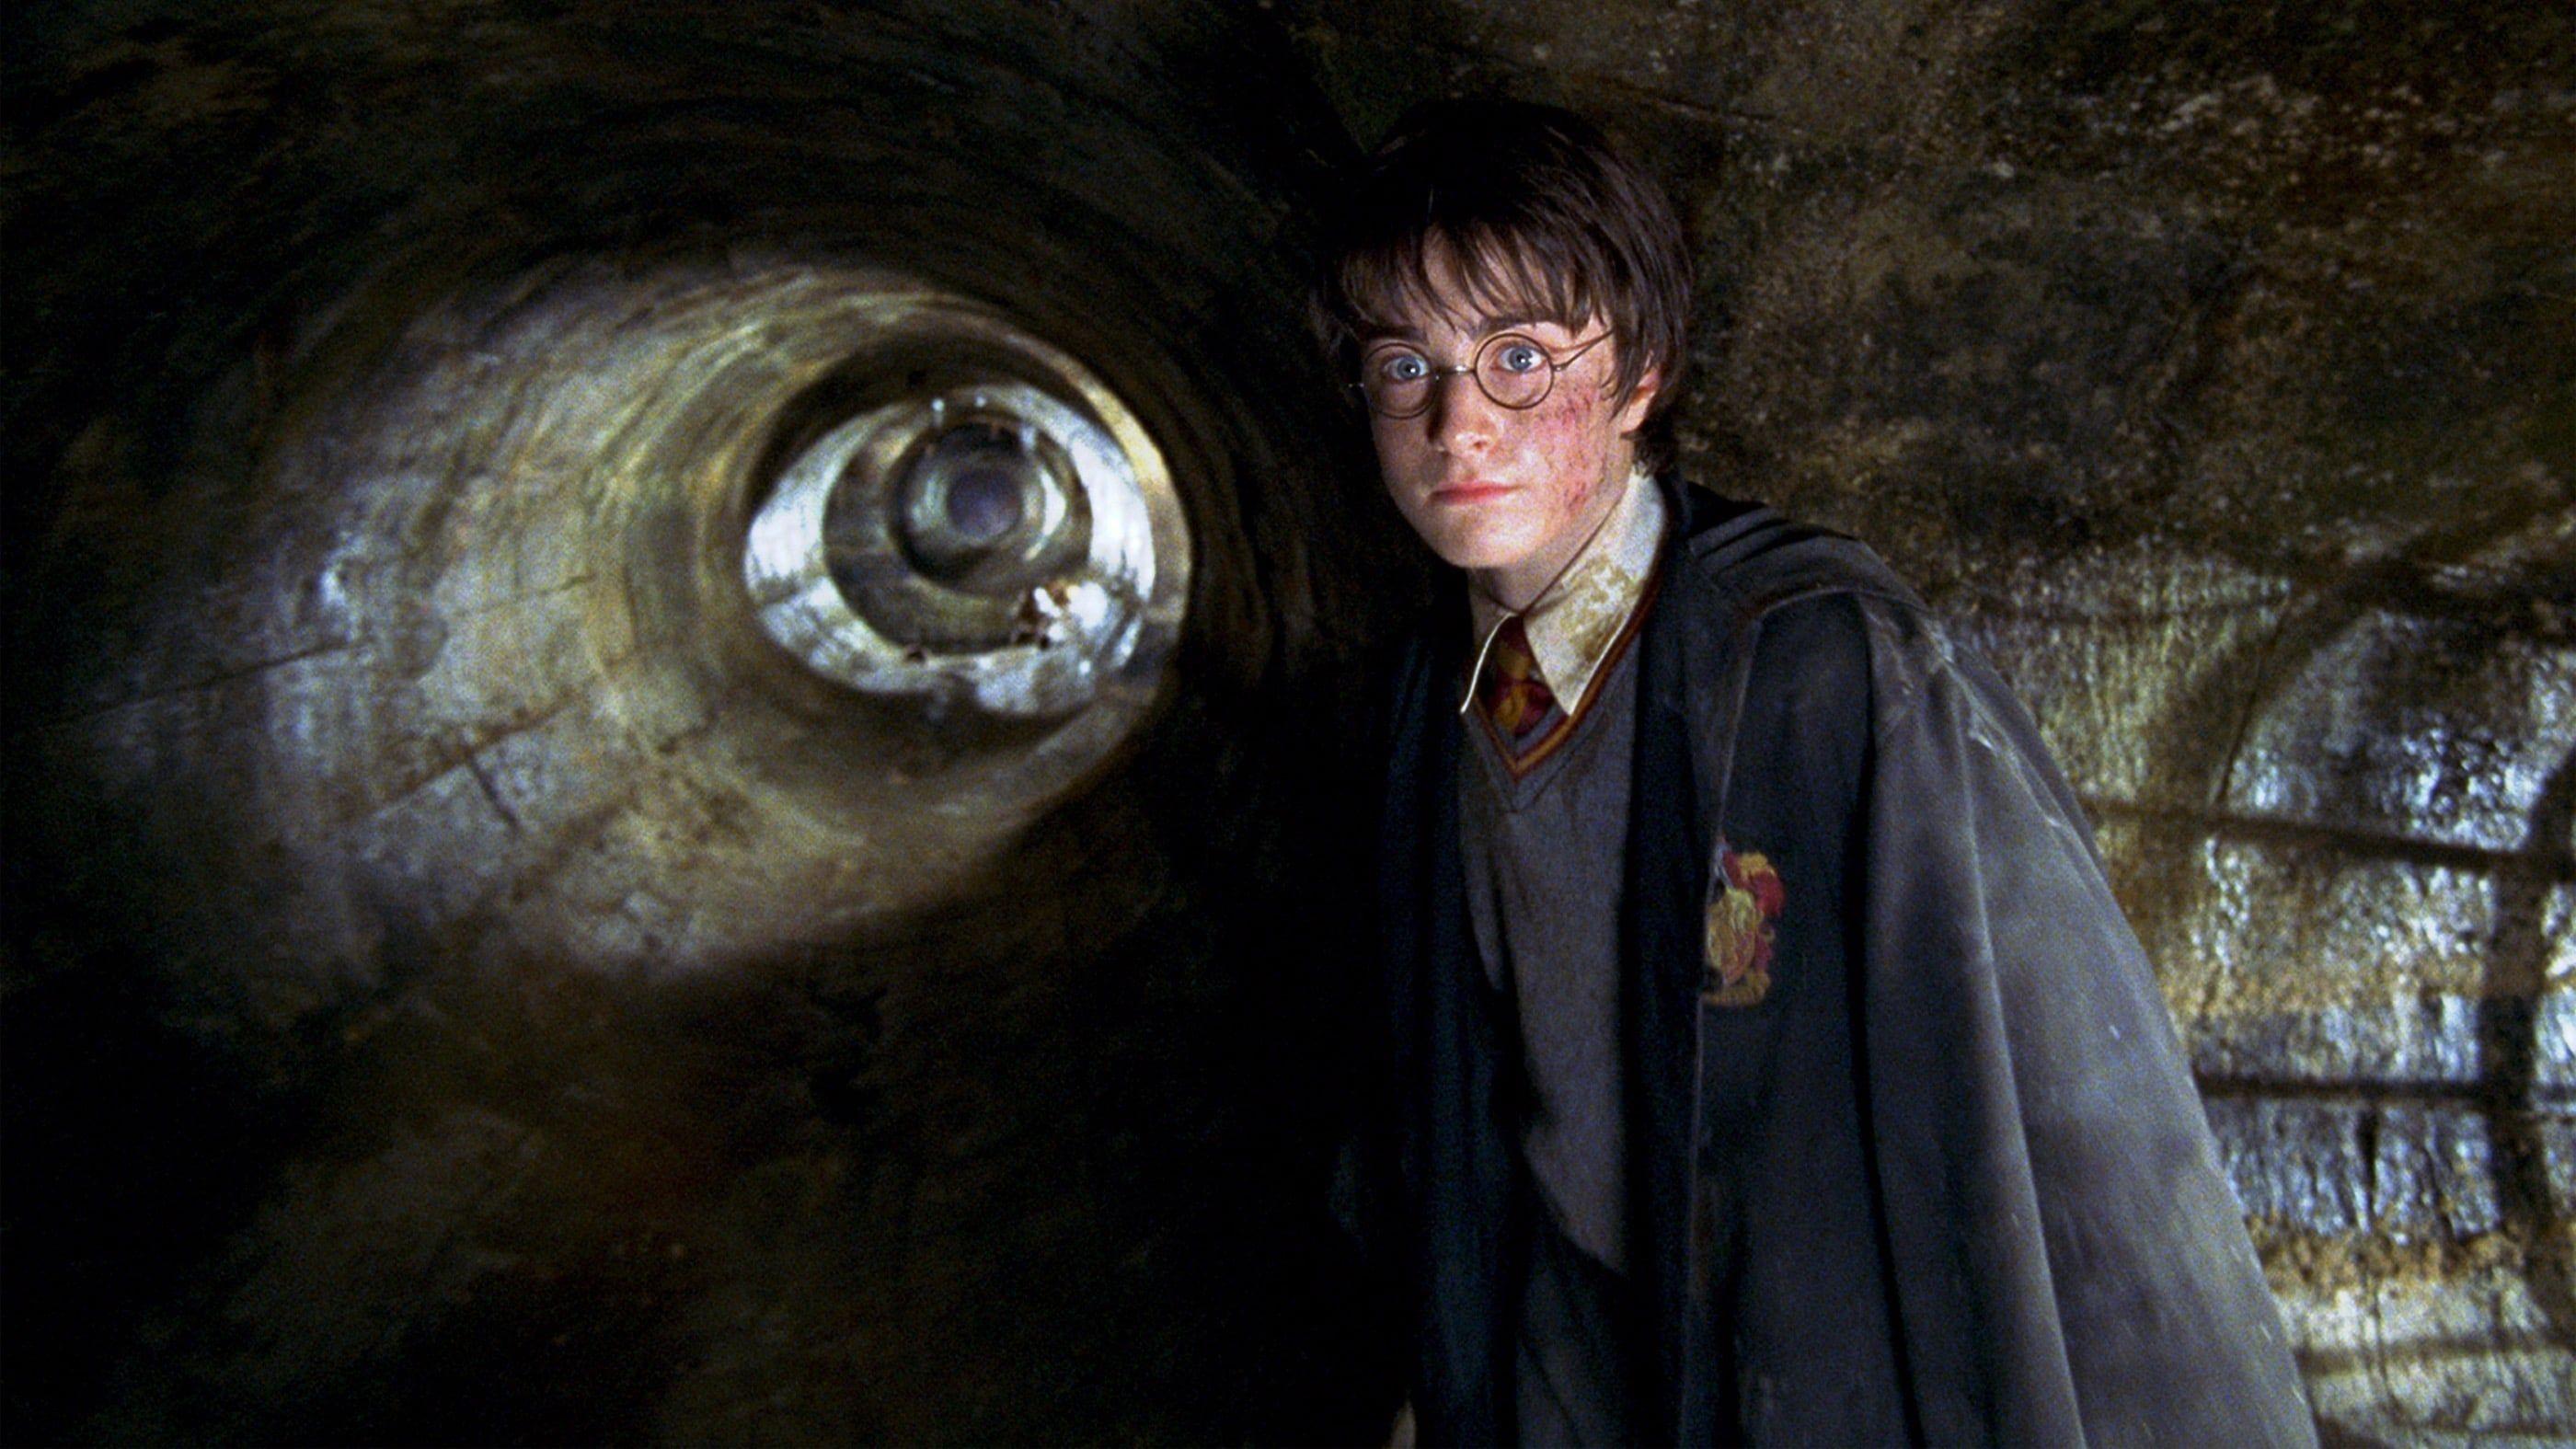 Harry Potter Und Die Kammer Des Schreckens 2002 Ganzer Film Deutsch Komplett Kino Harry Potter Konnte Sich Sch Harry Potter Harry Potter Fantastic Beasts Harry